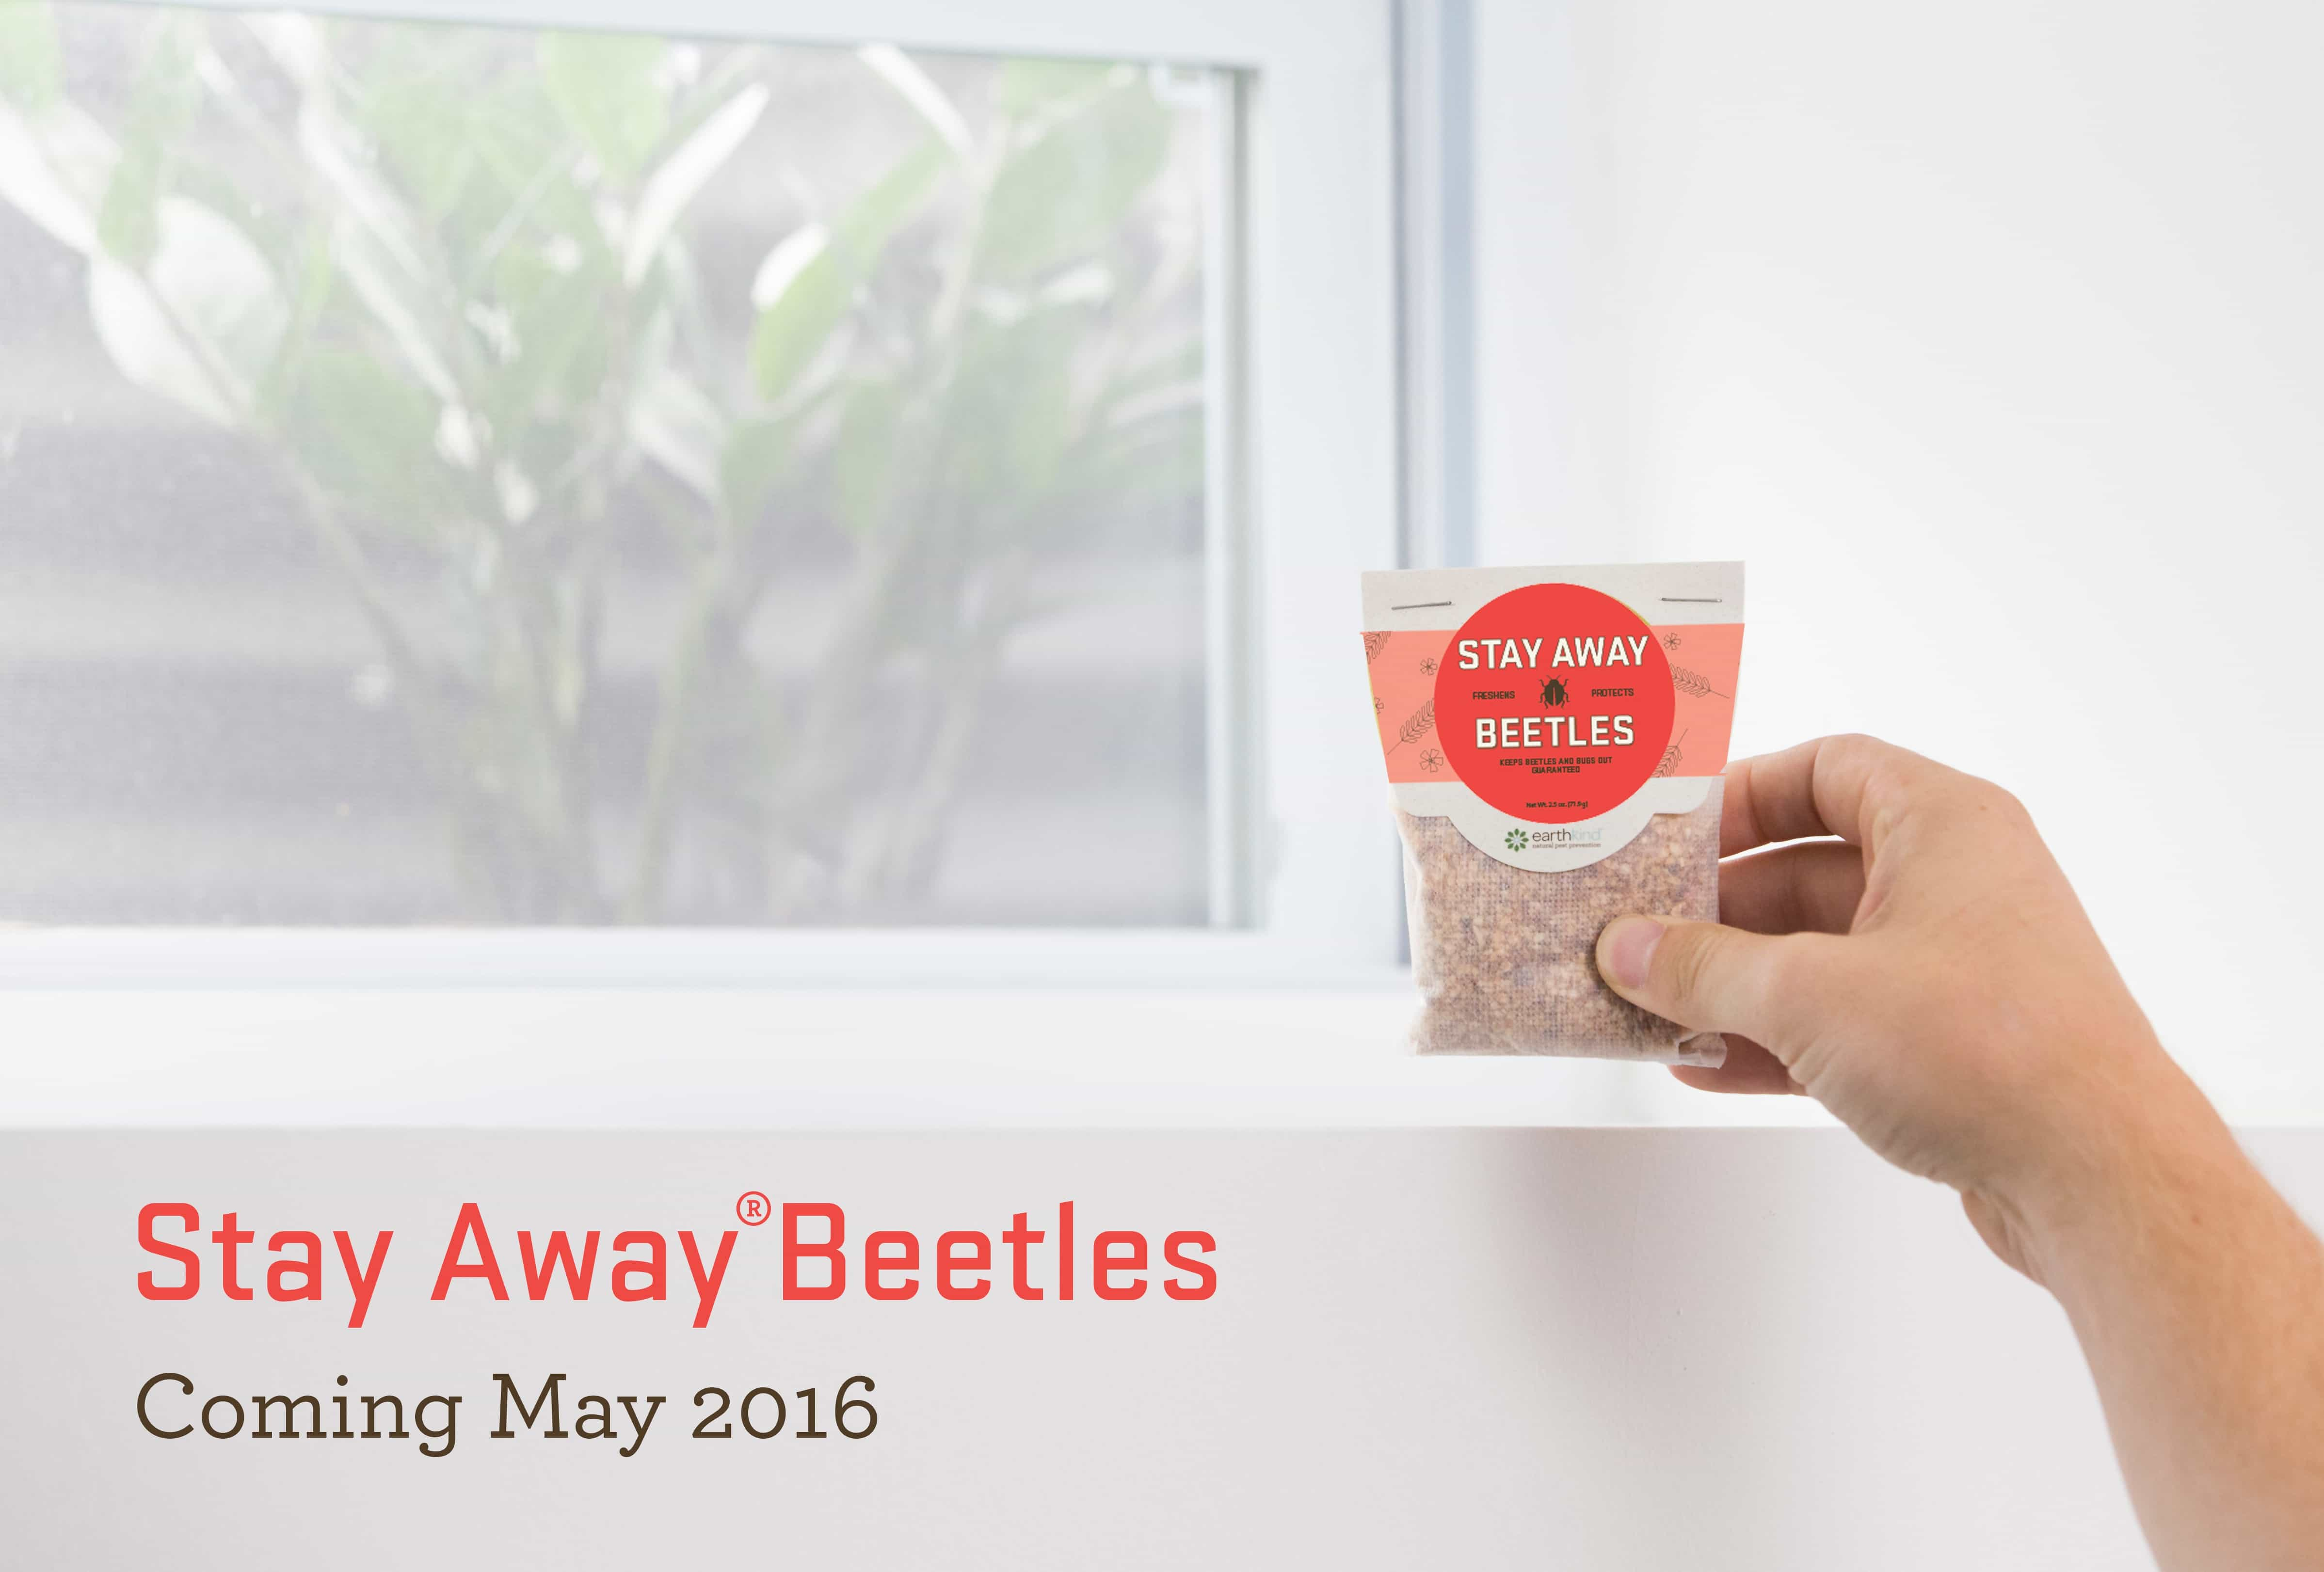 Stay_Away_Beetles_Window_Coming_May_2016.jpg